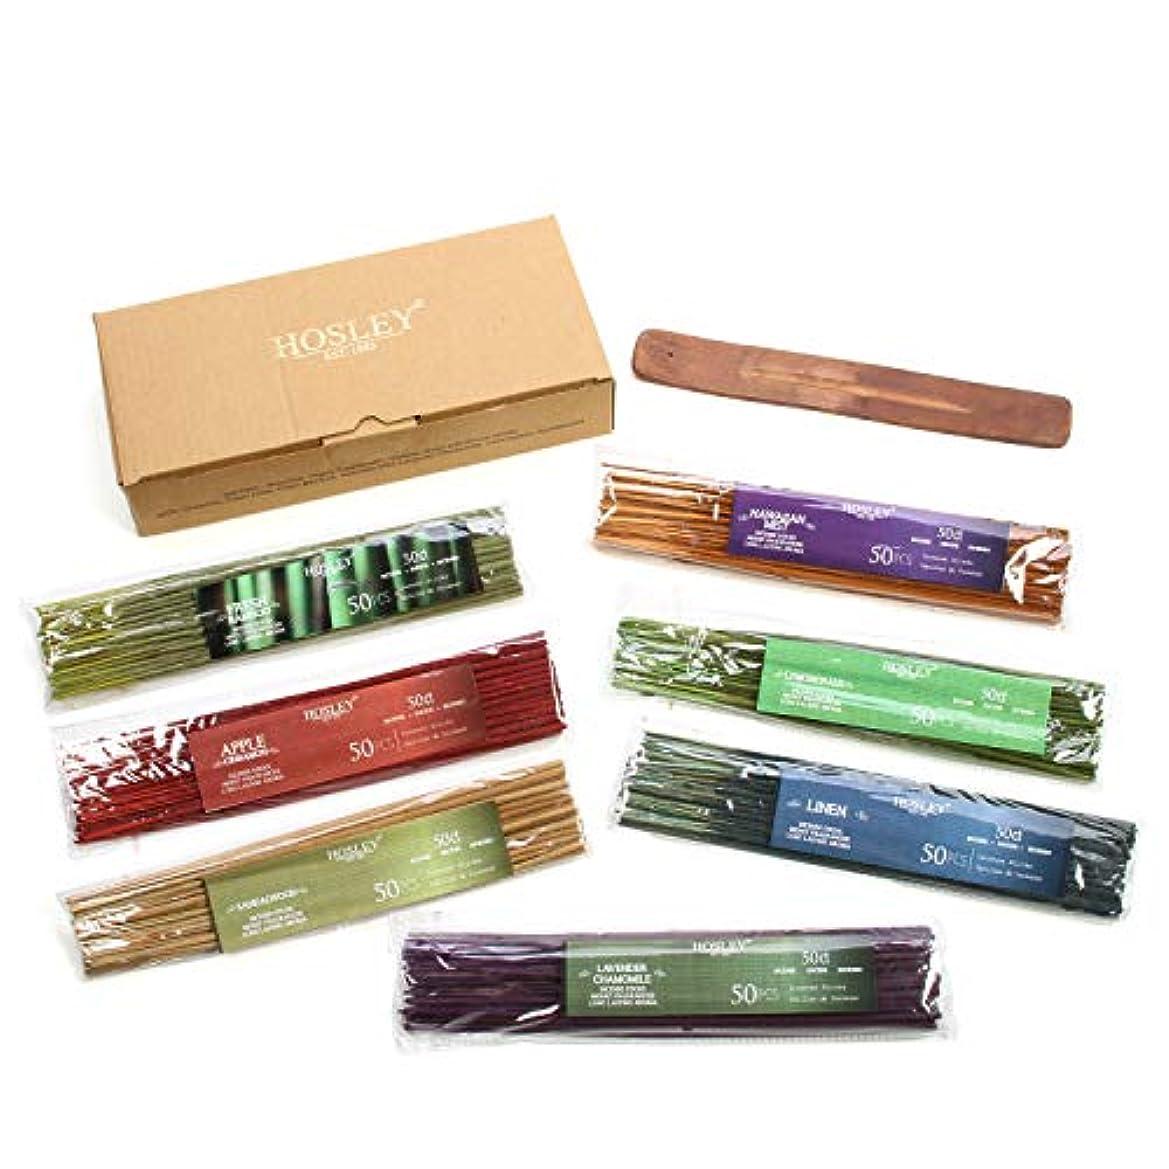 スカルク病気アレイHosley's Assorted 350 Pack Incense Sticks, Highly Fragrances include: Apple Cinnamon, Hawaiian Mist, Sandalwood...